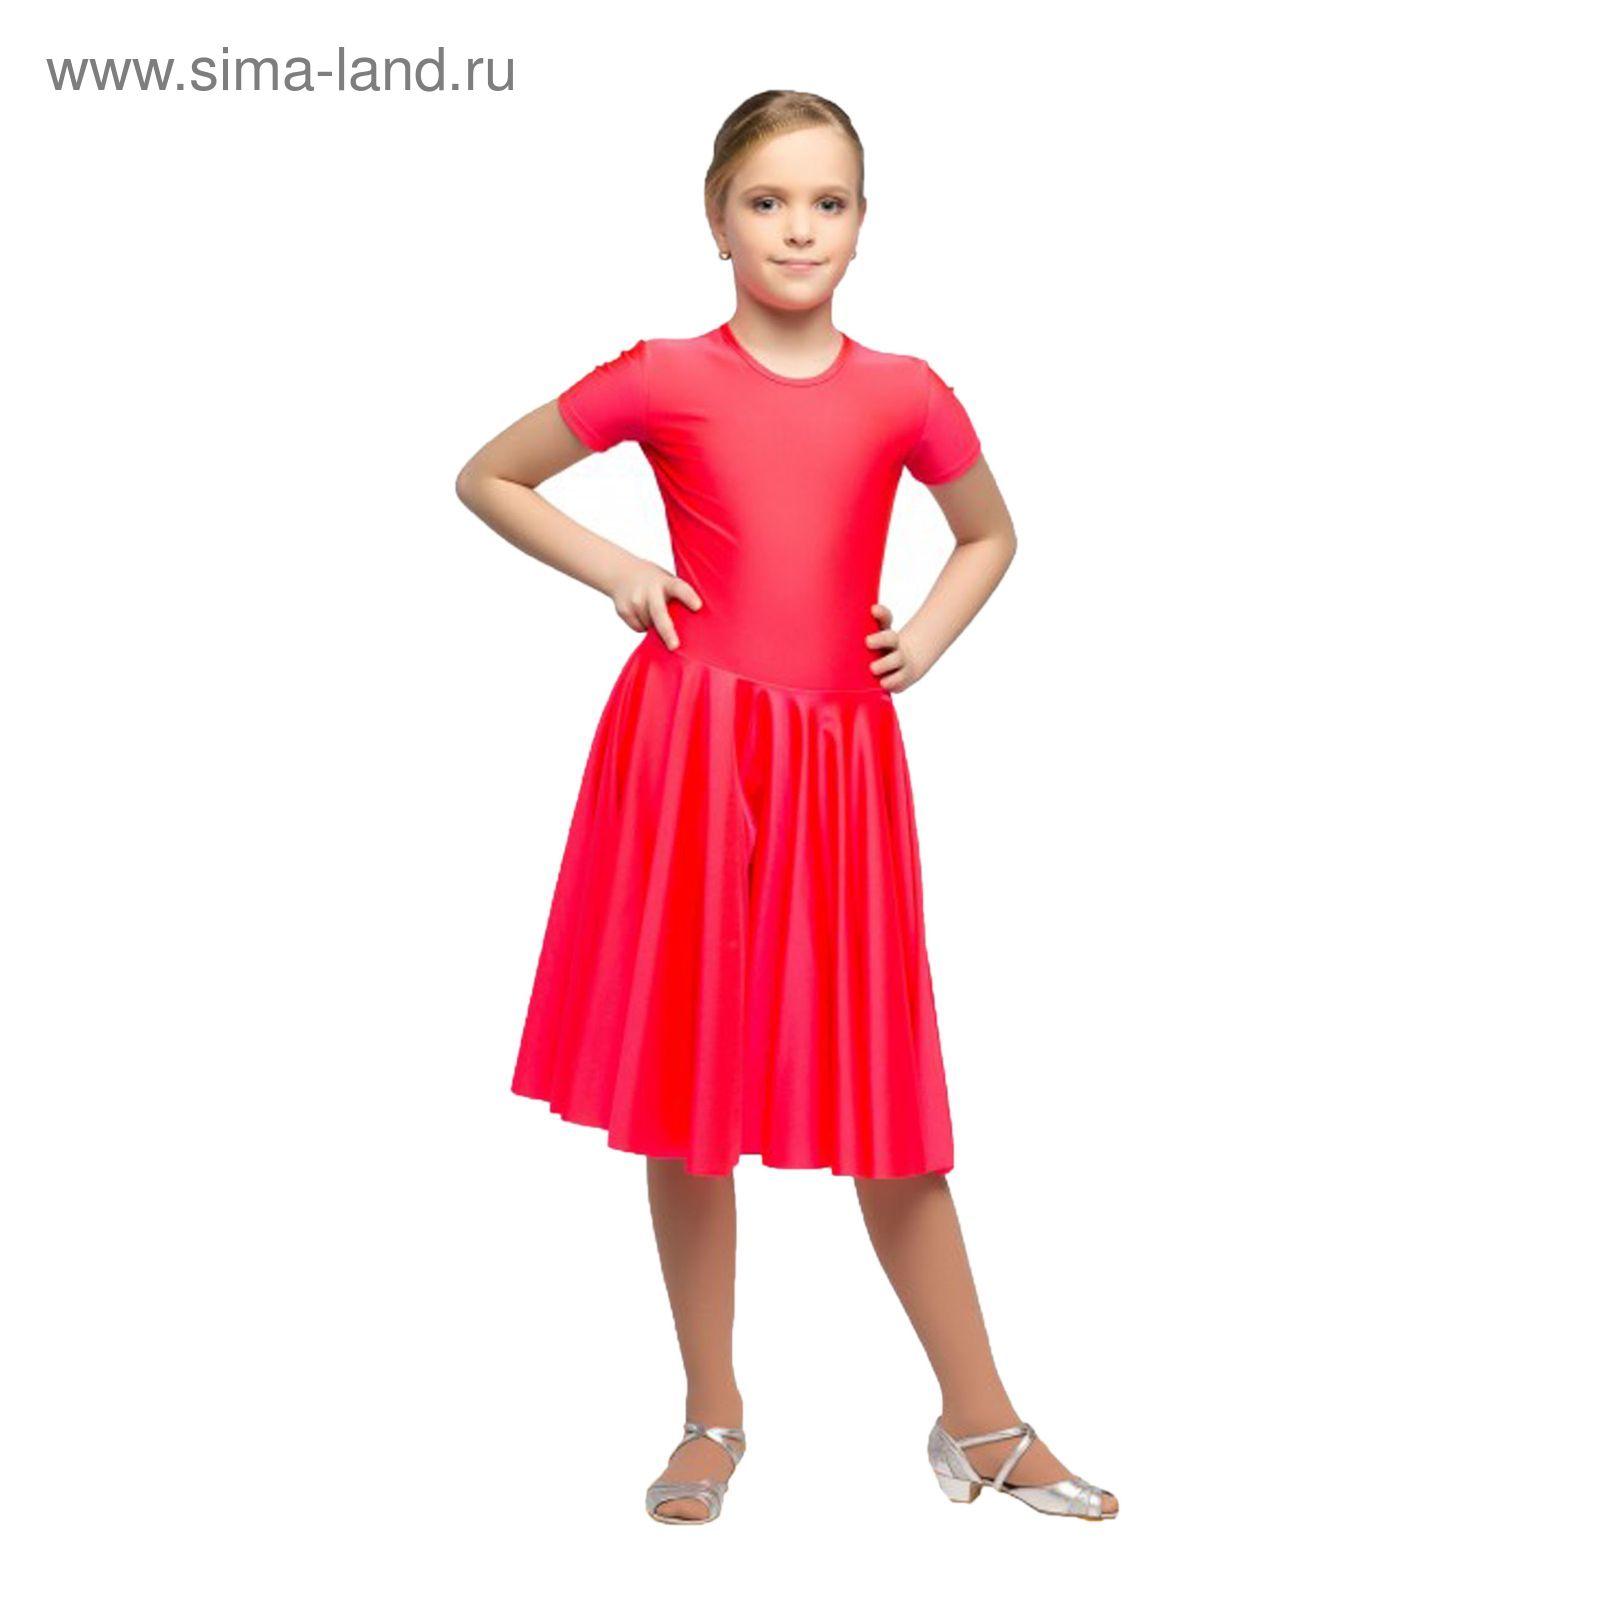 e27266dde25 Рейтинговое платье